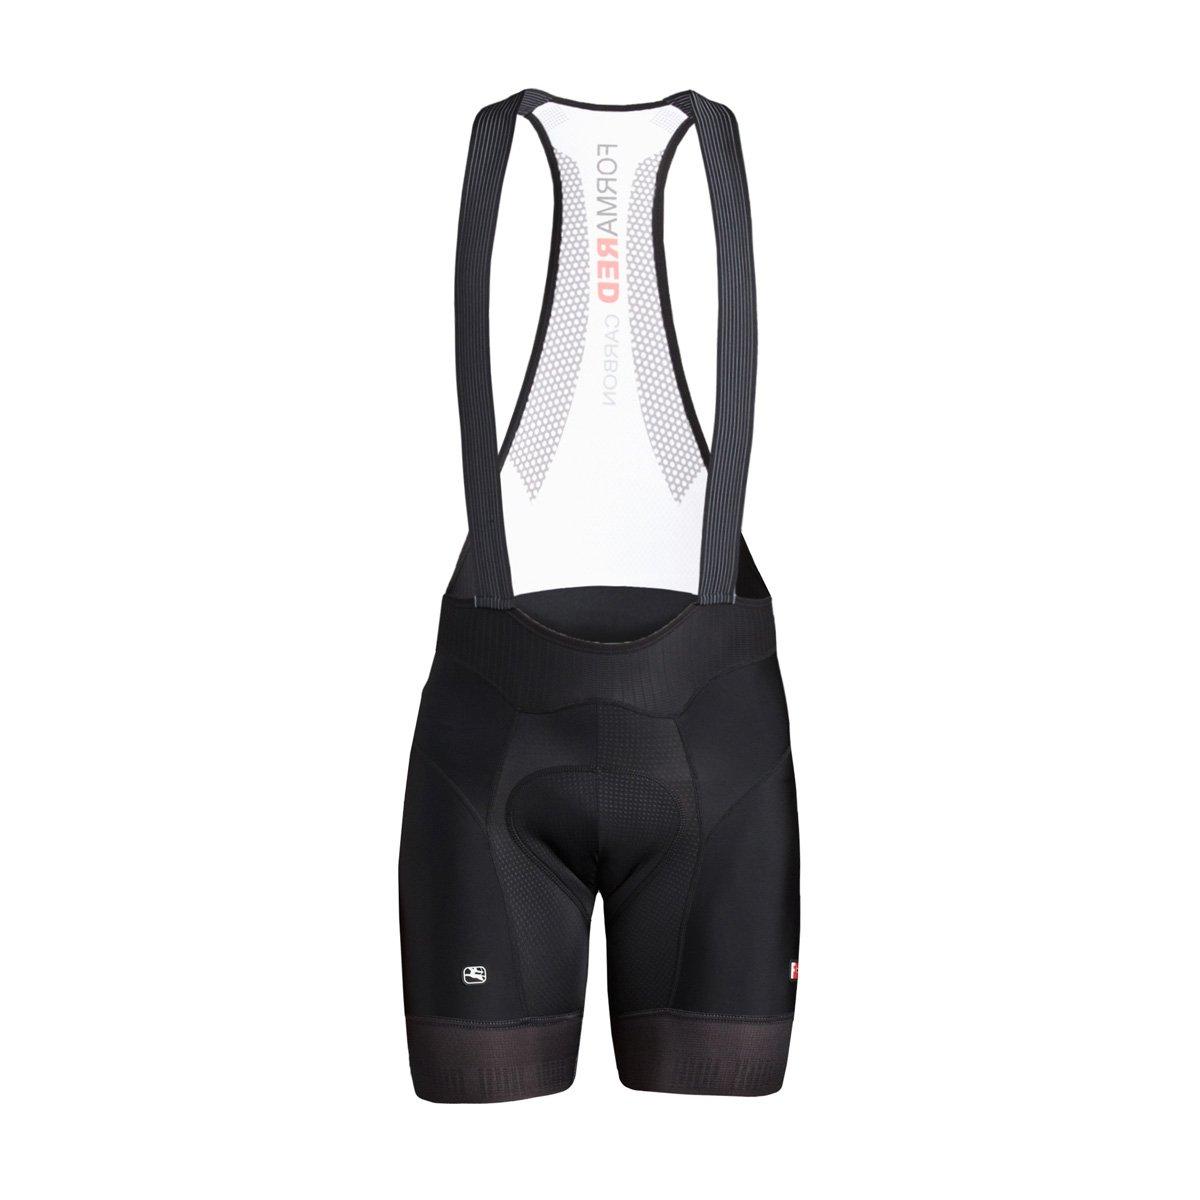 Giordana 2018メンズfr-c Pro Cycling Bib Shorts – 5 cm Shorter Leg – gics18-bibs-frc5-blck B0797G75FG XX-Large|ブラック ブラック XX-Large